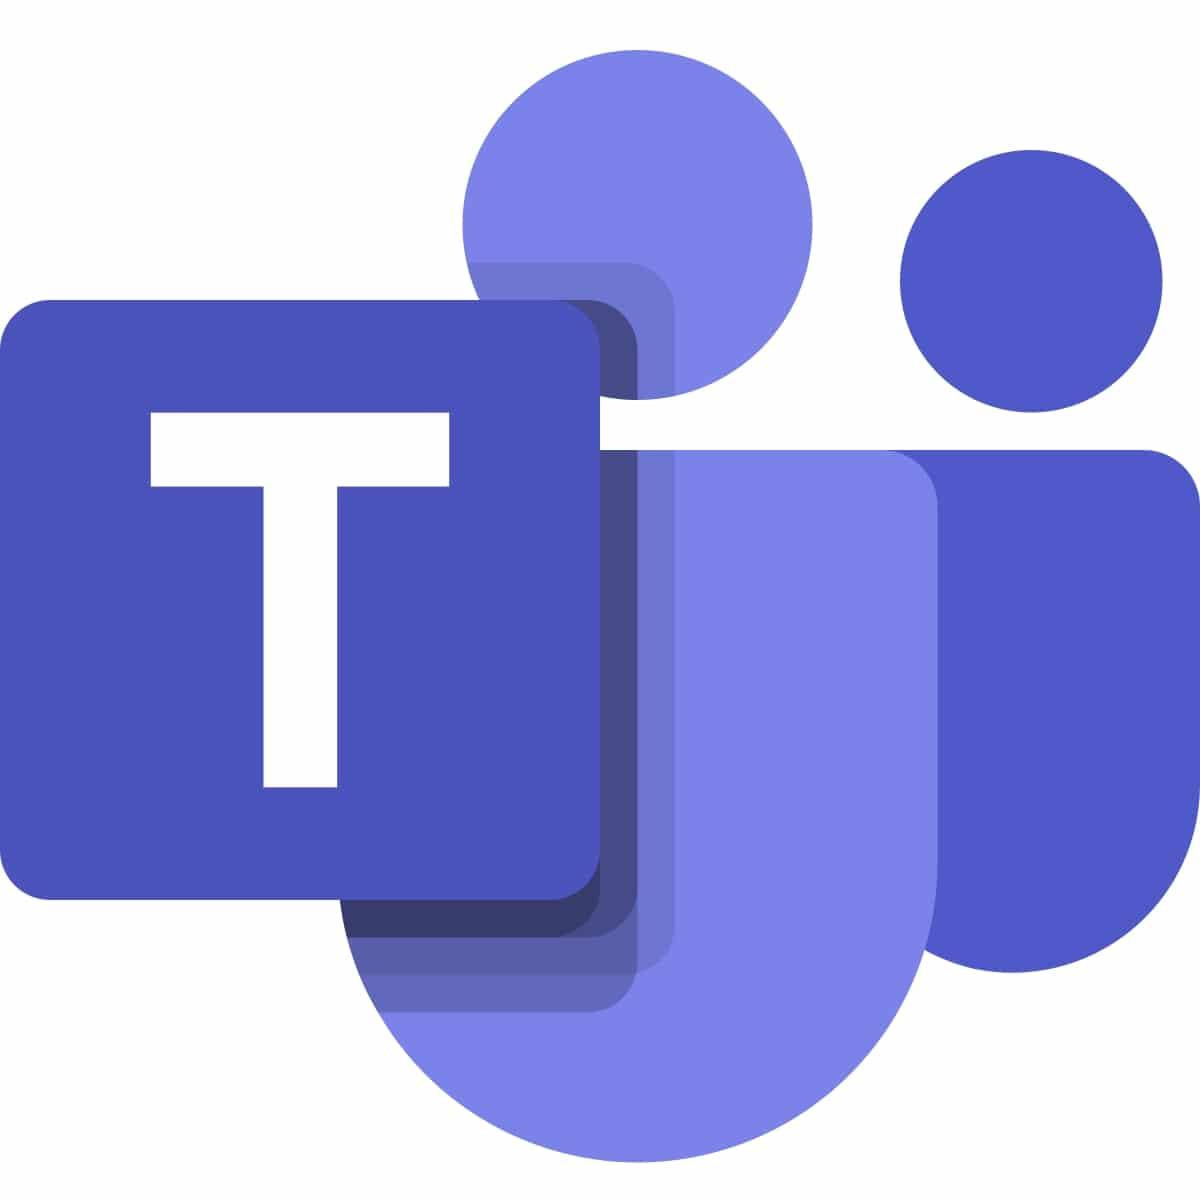 MicrosoftTeams ежедневно обслуживает 13 миллионов пользователей и предлагает 4 новых способа улучшения командной работы